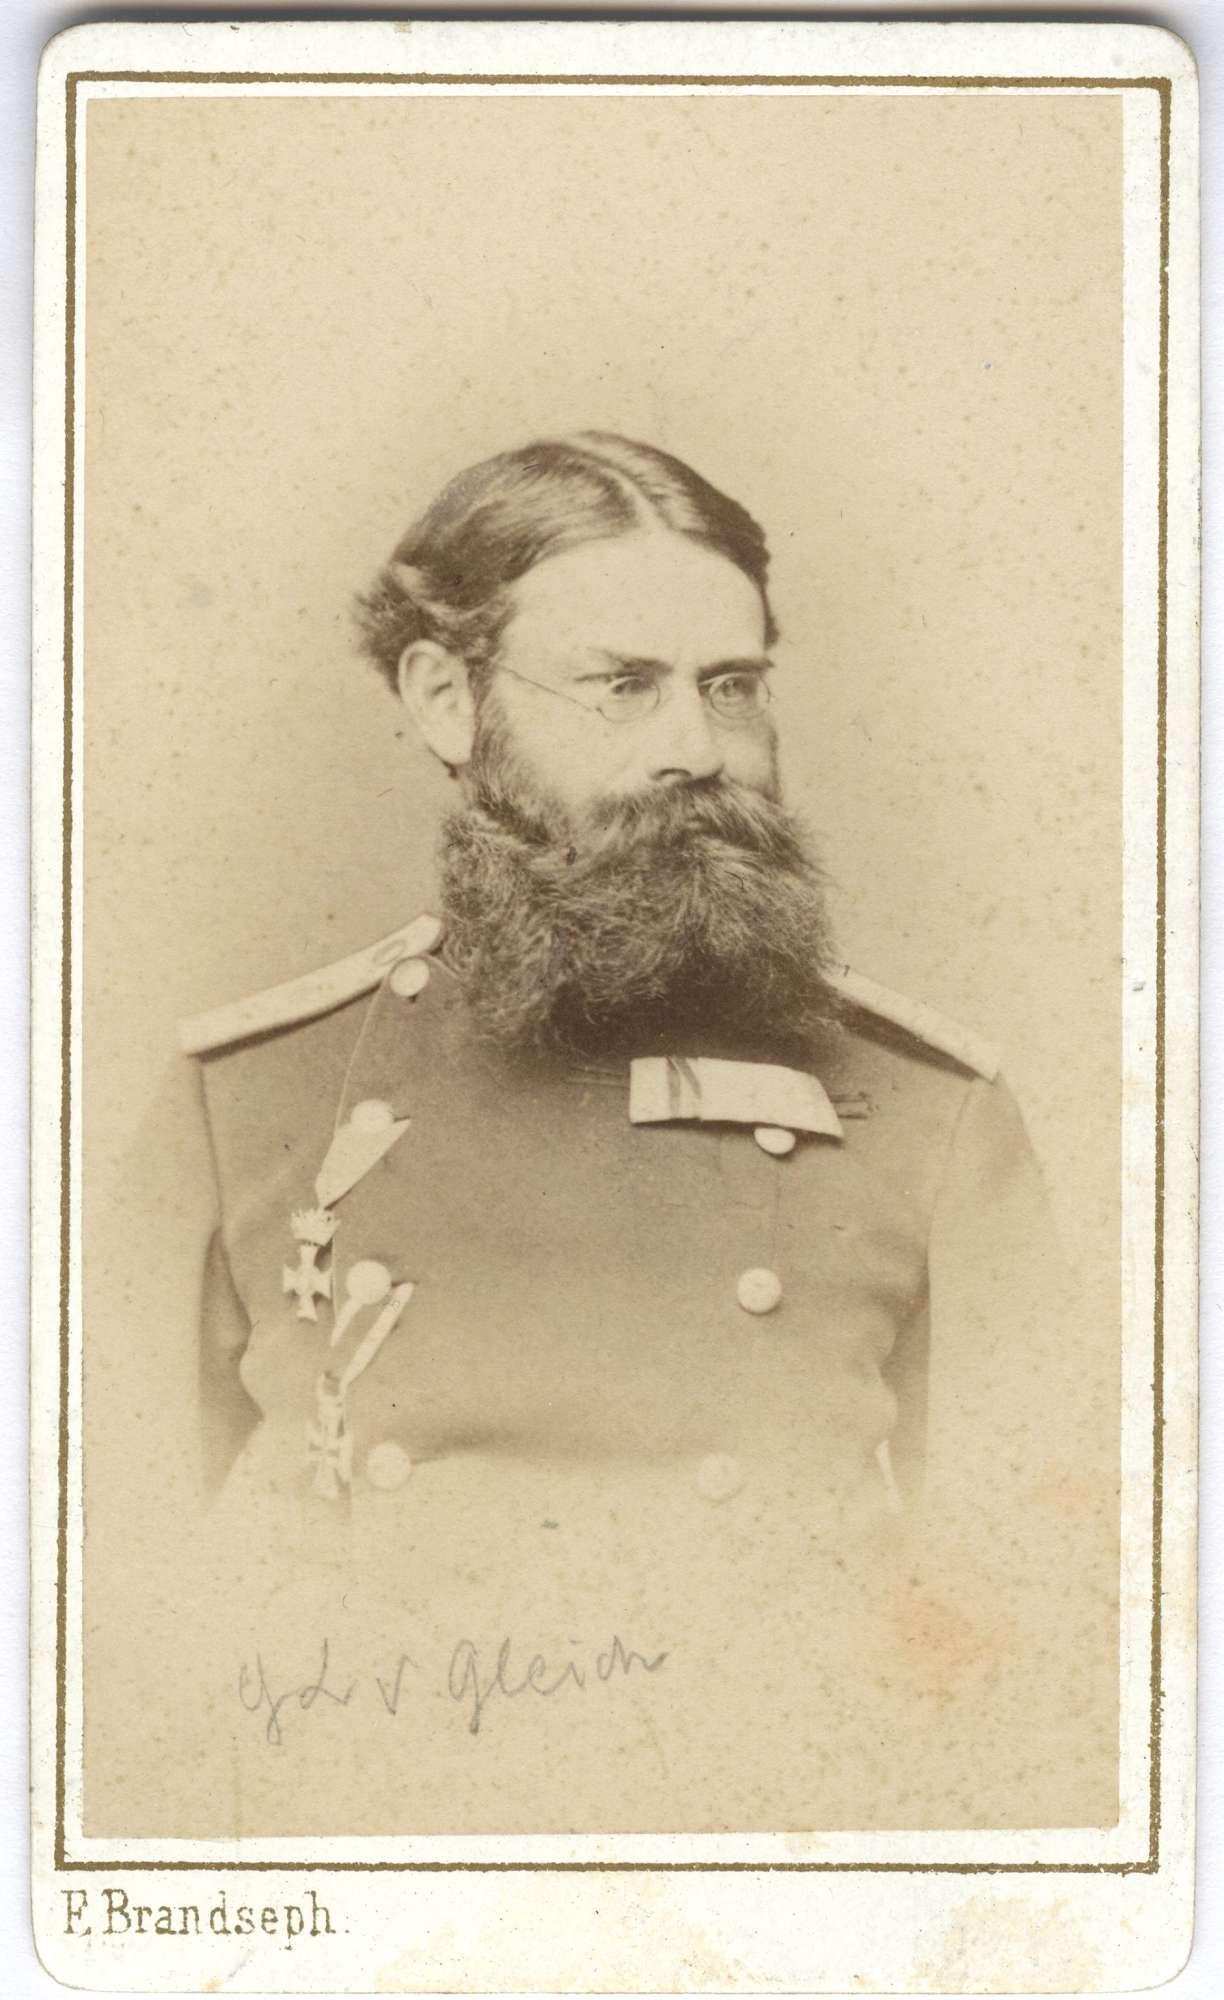 Gleich, Karl Anton Alerich von, Bild 1